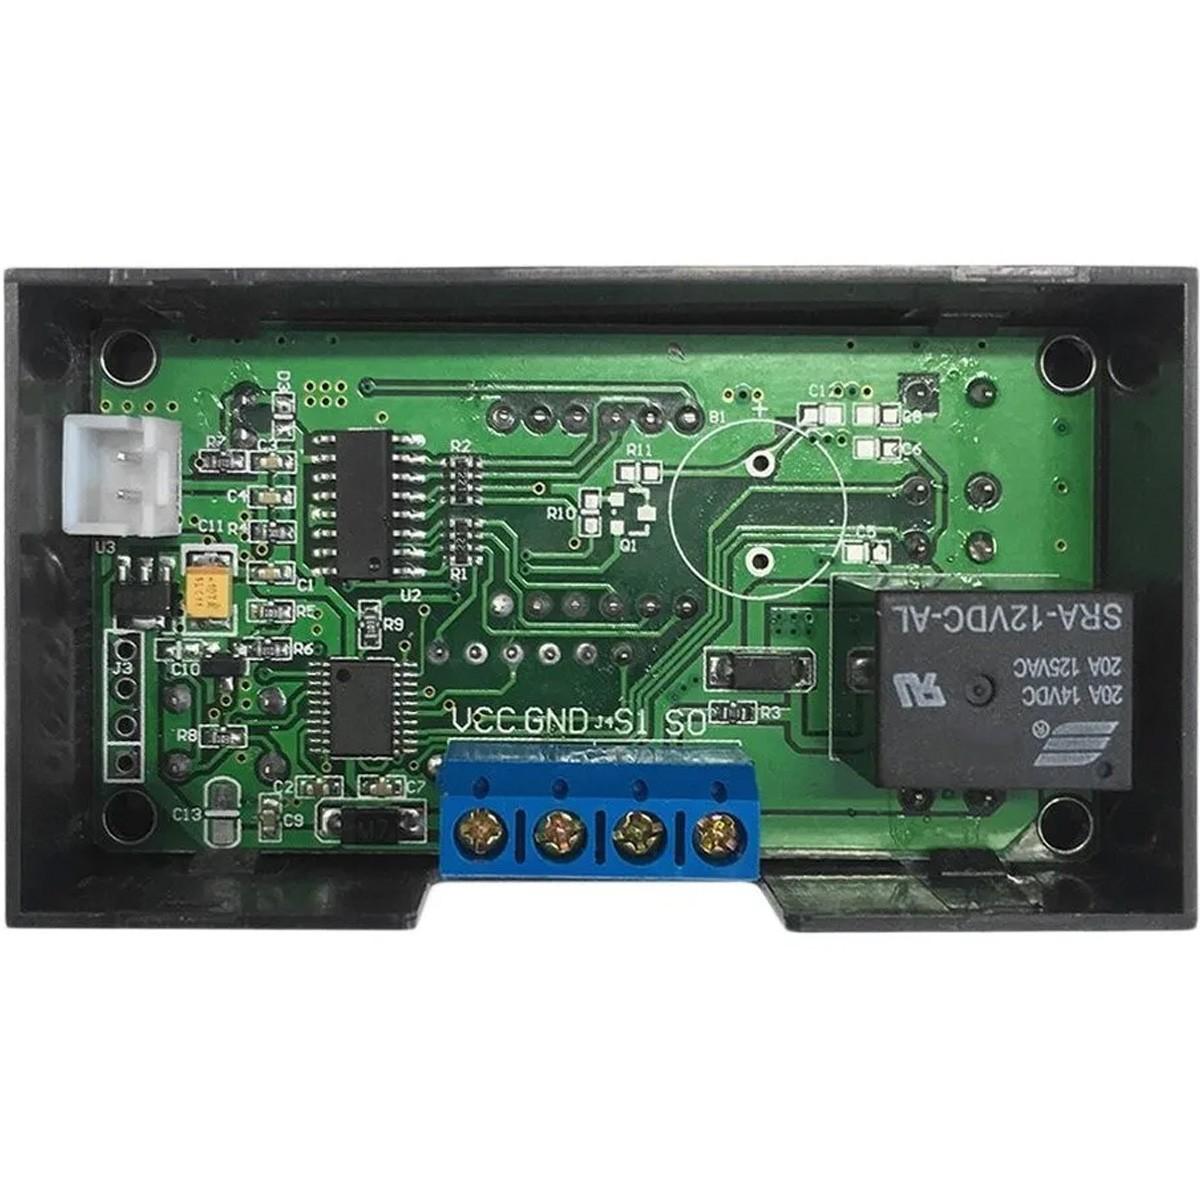 Termostato Digital W3230 12v - Controle De Temperatura